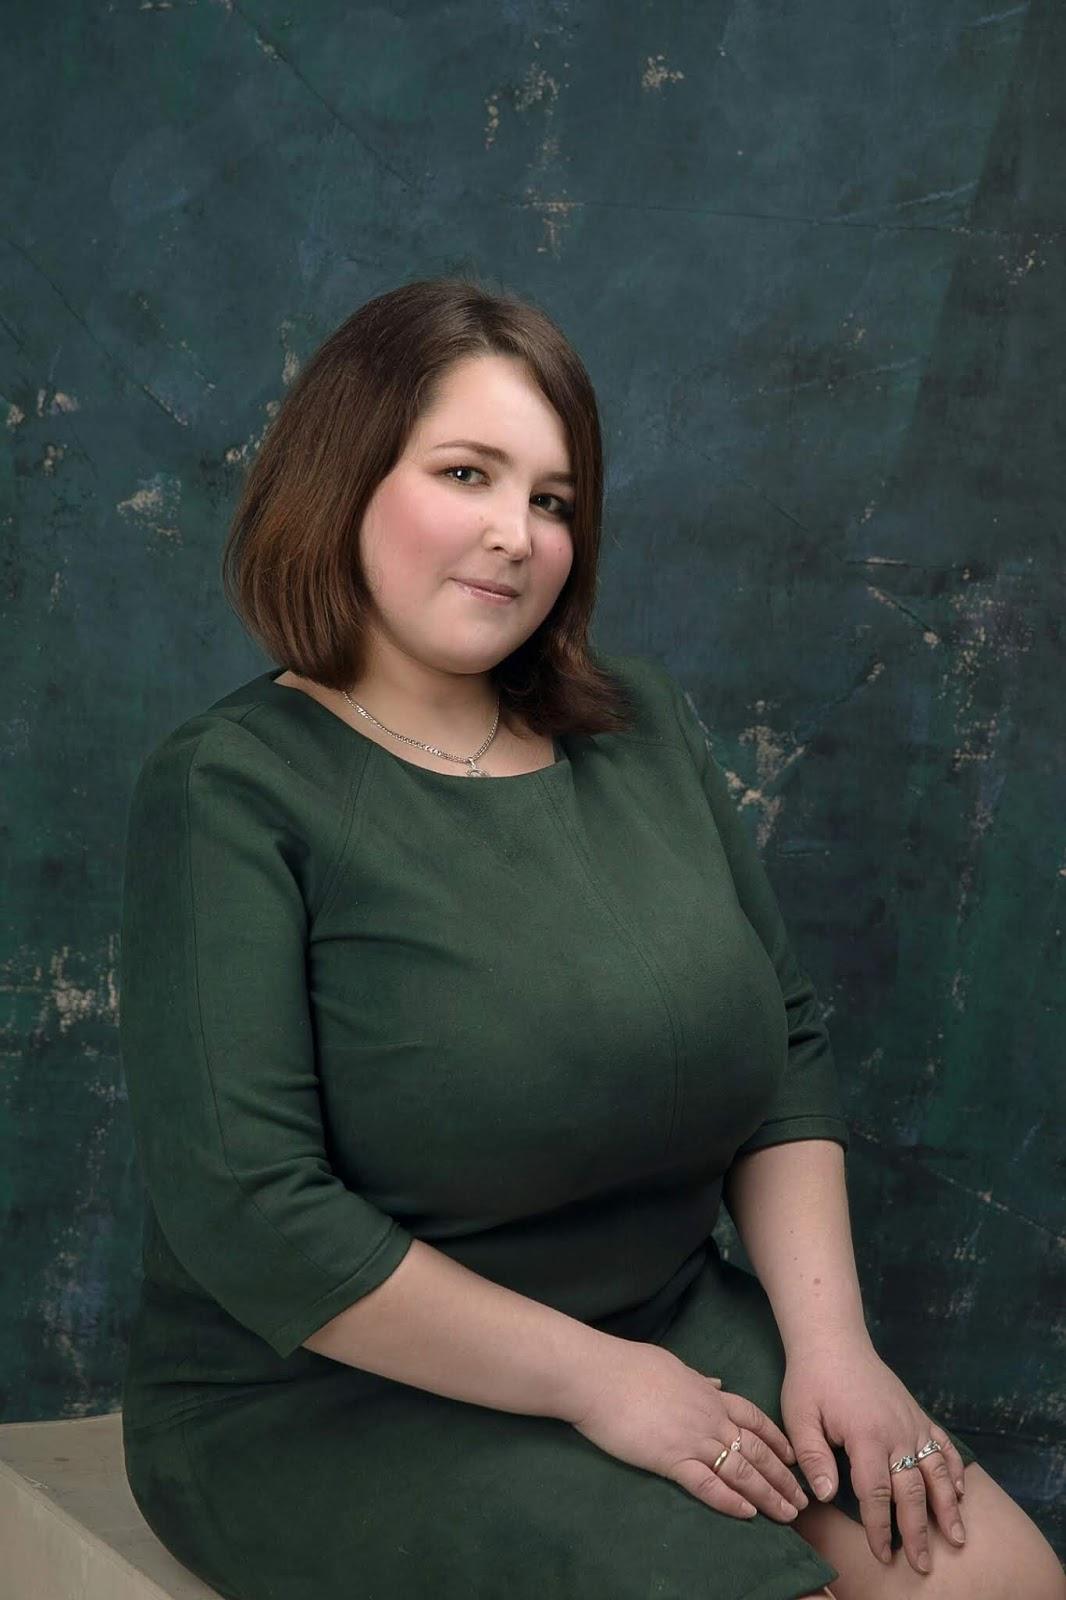 Busty russian woman ebony